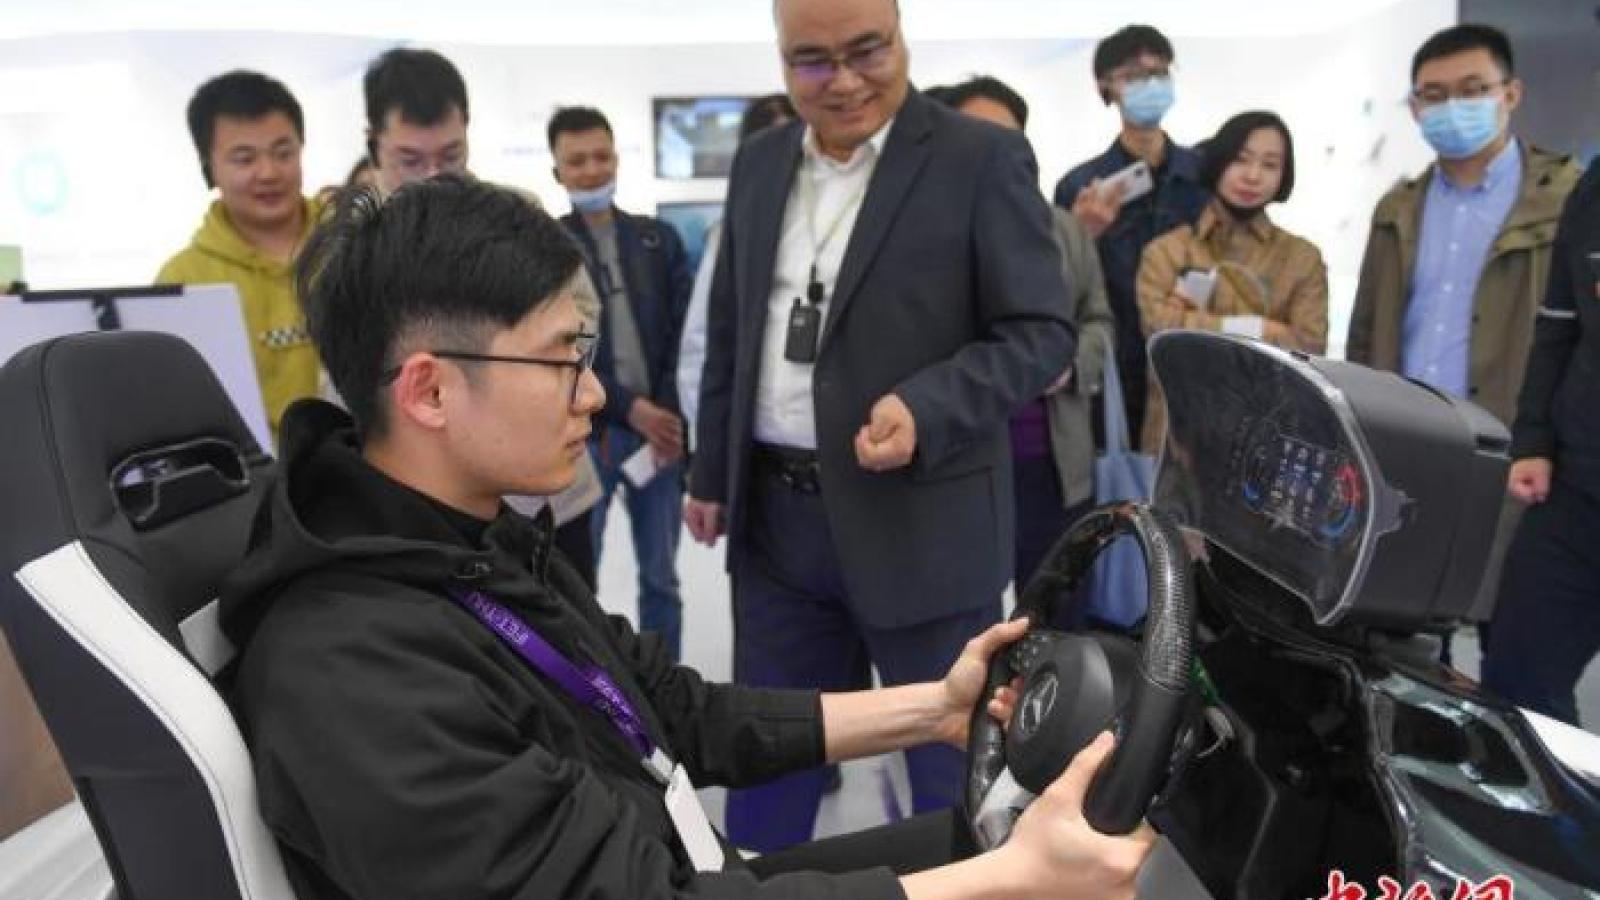 Đầu tư cho khoa học công nghệ của Trung Quốc chiếm gần 1/4 của thế giới